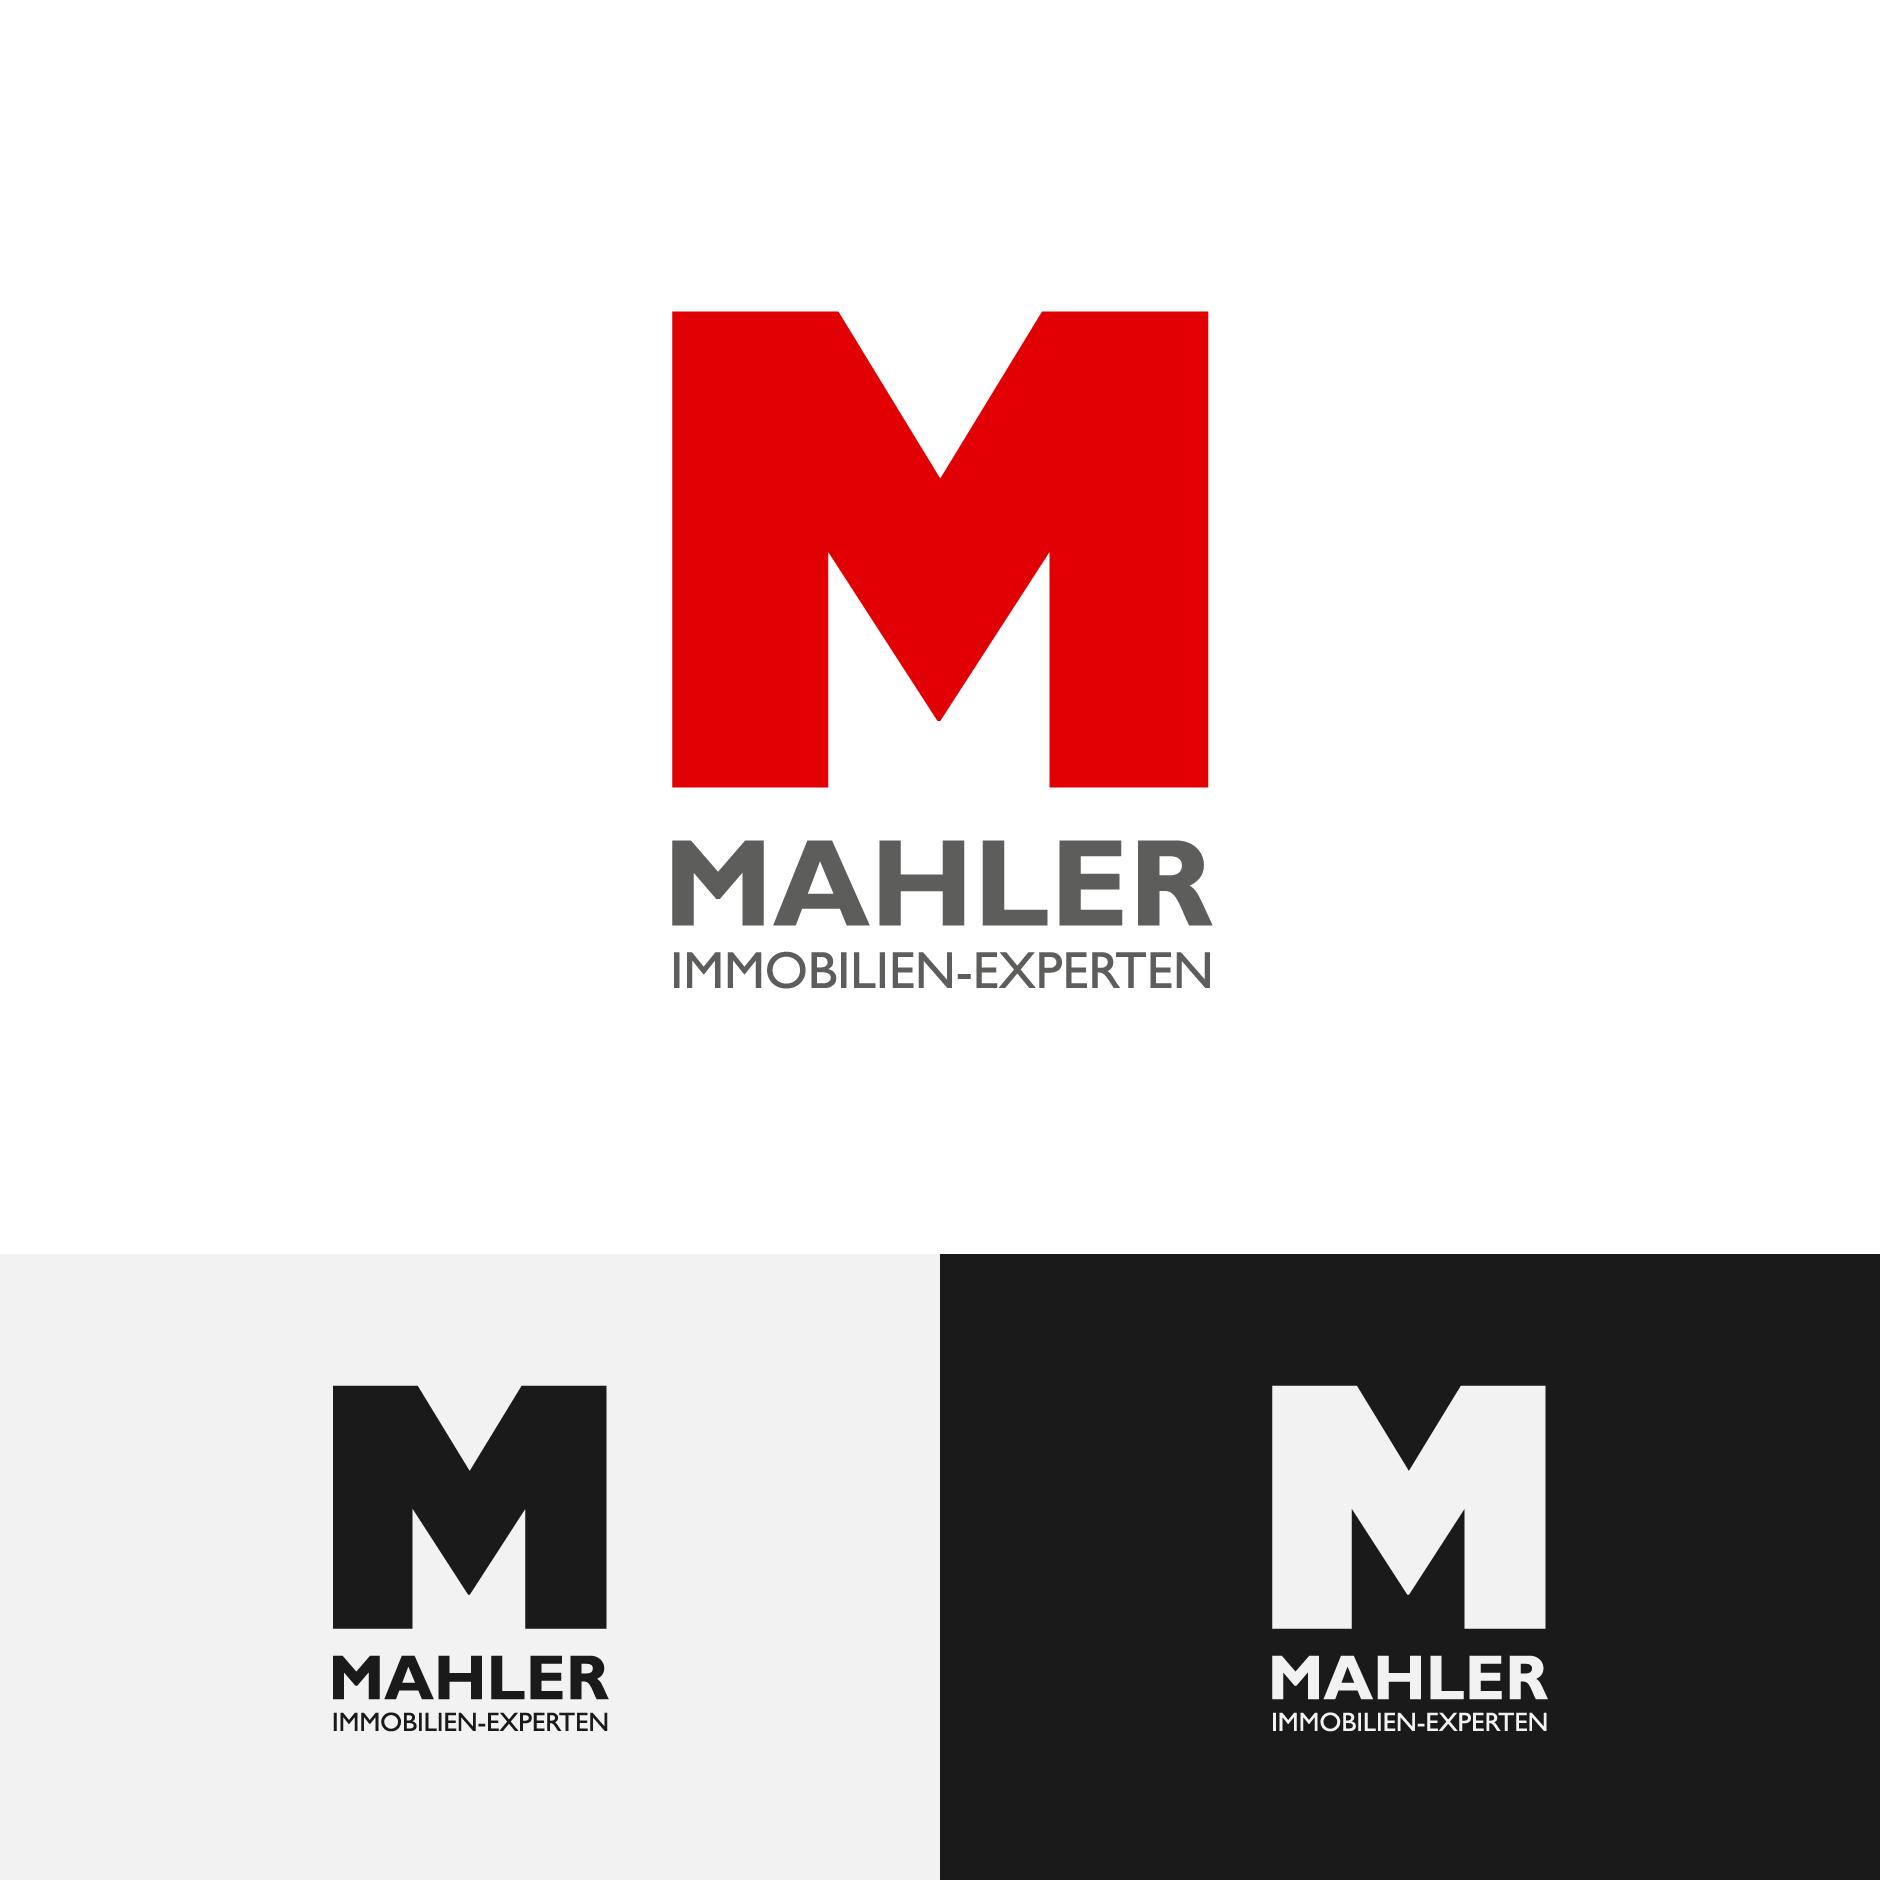 Logo MAHLER IMMOBILIEN